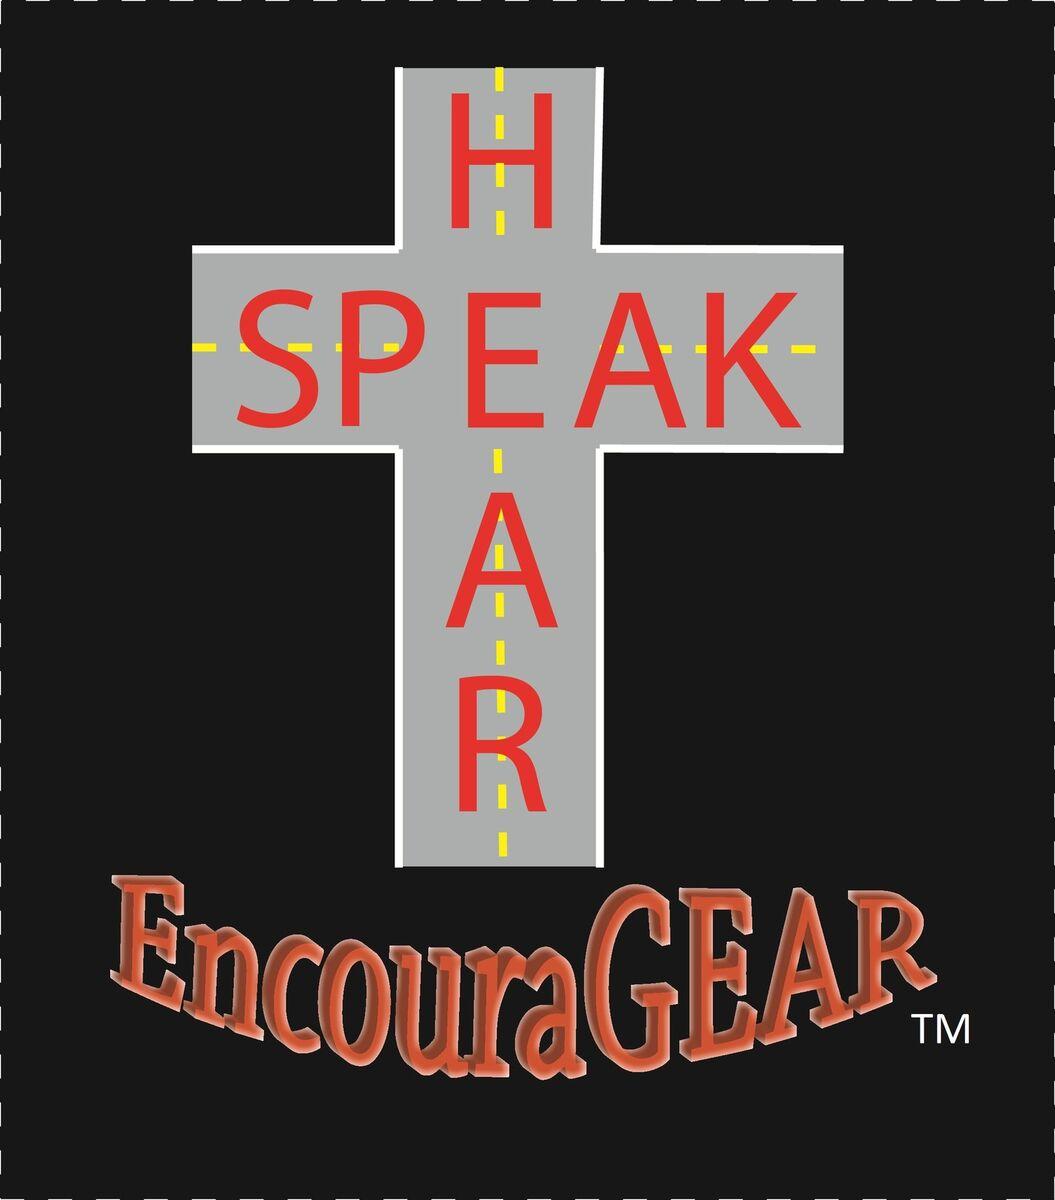 Encouragear LLC